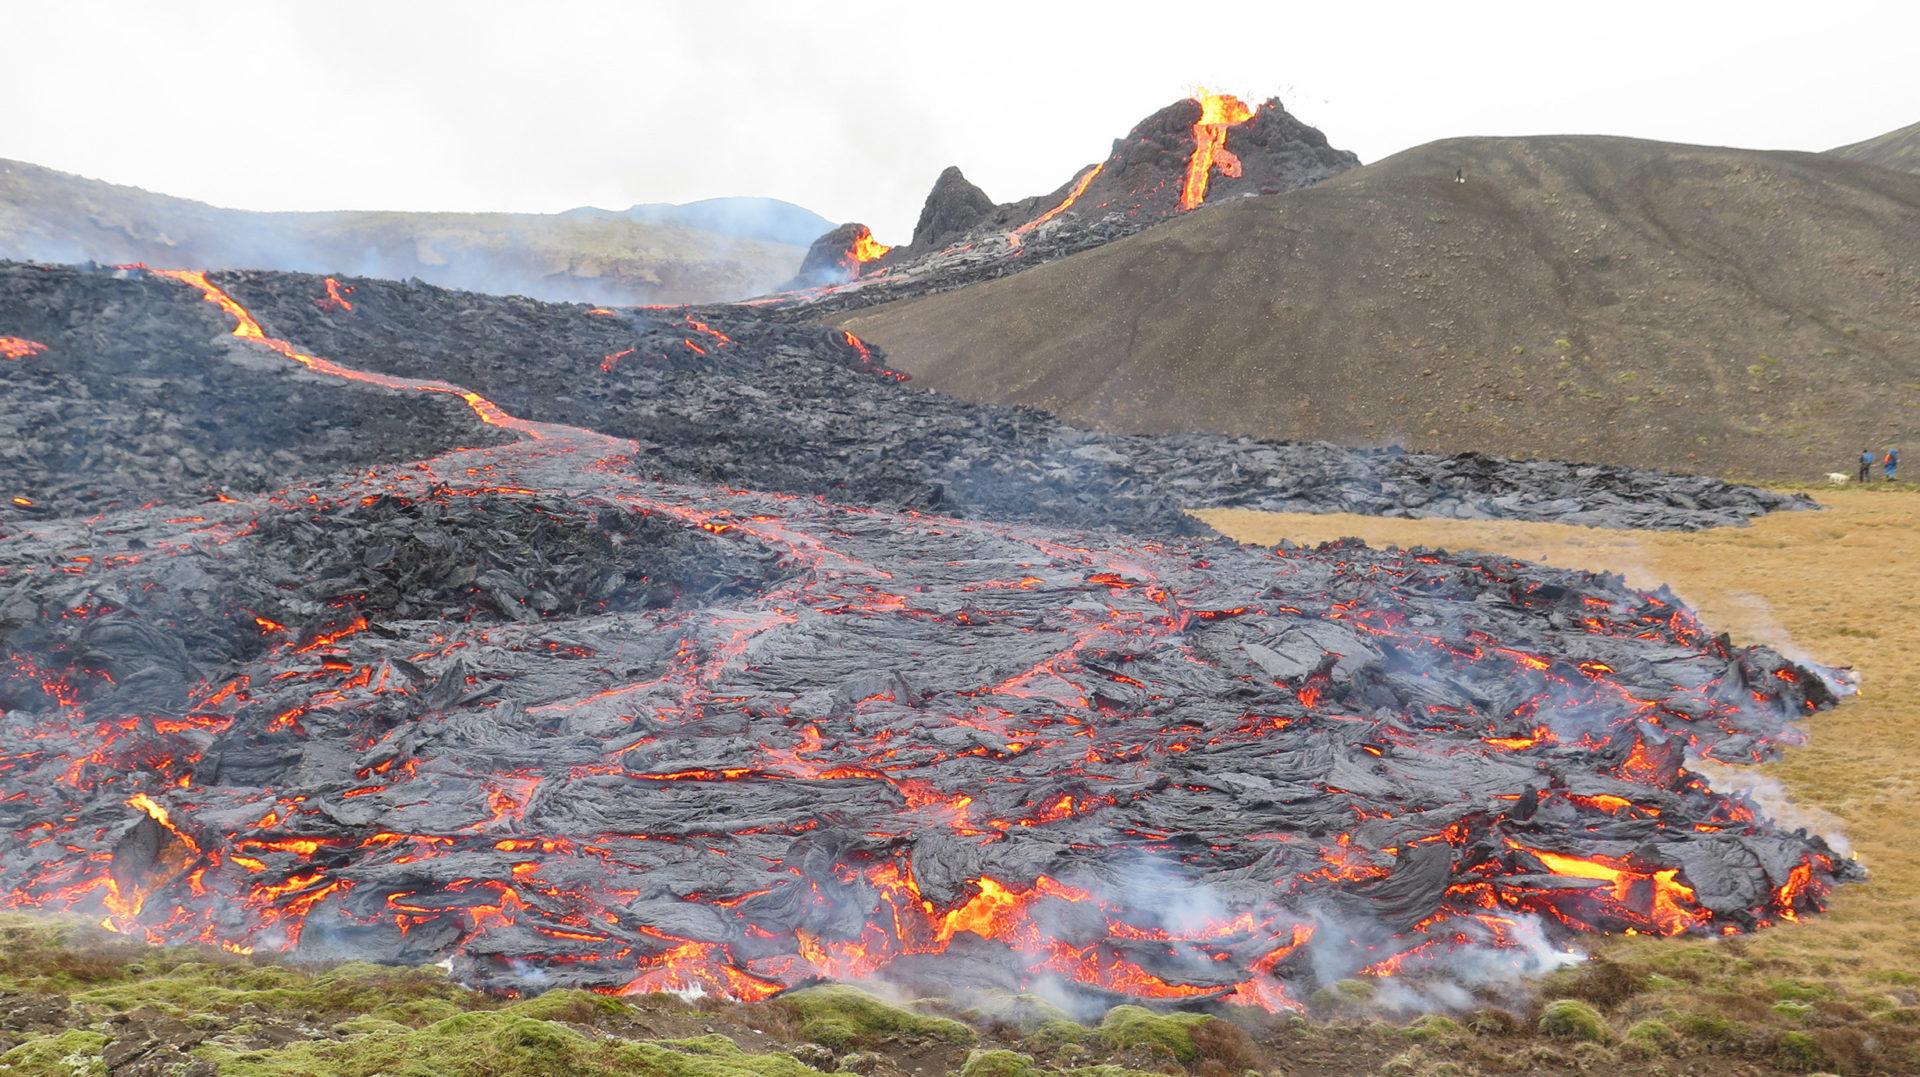 Les darreres erupcions volcàniques a Islàndia i el seu impacte